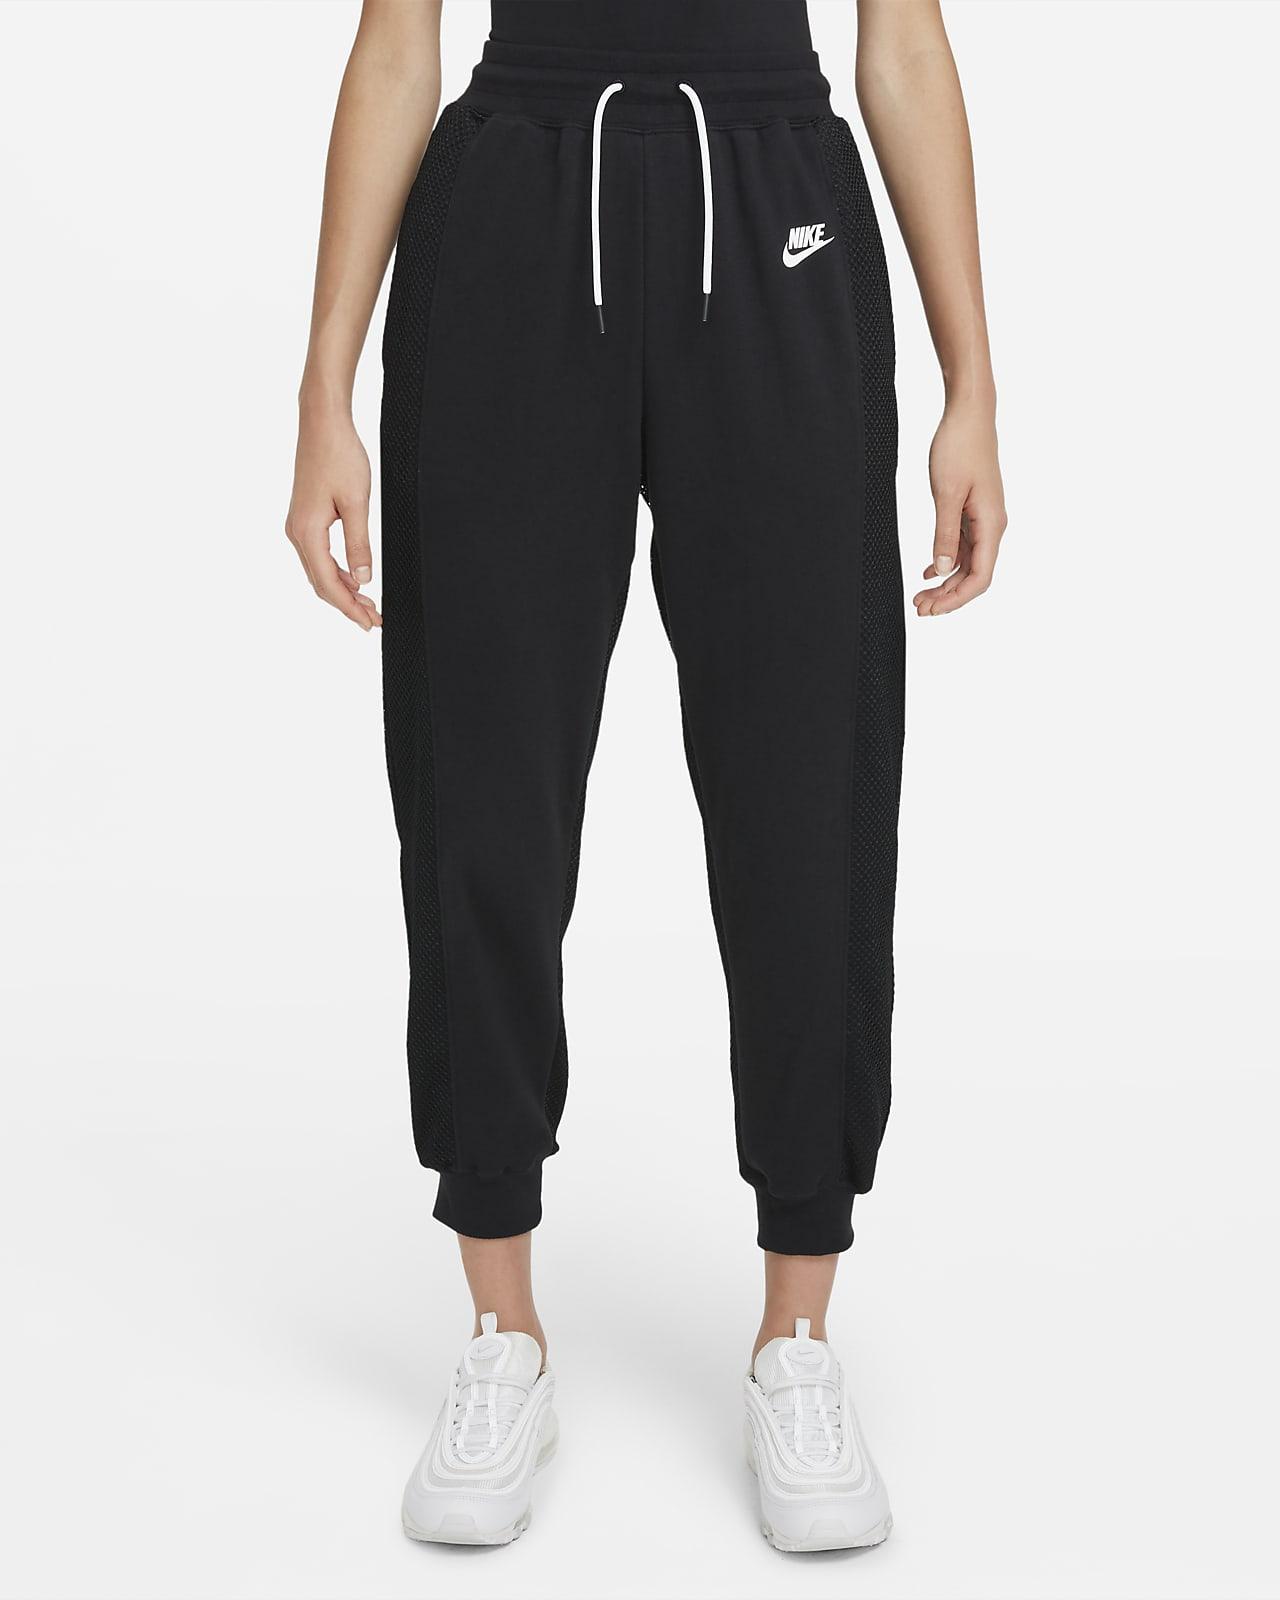 Serena Design Crew 女款 Fleece 網球長褲